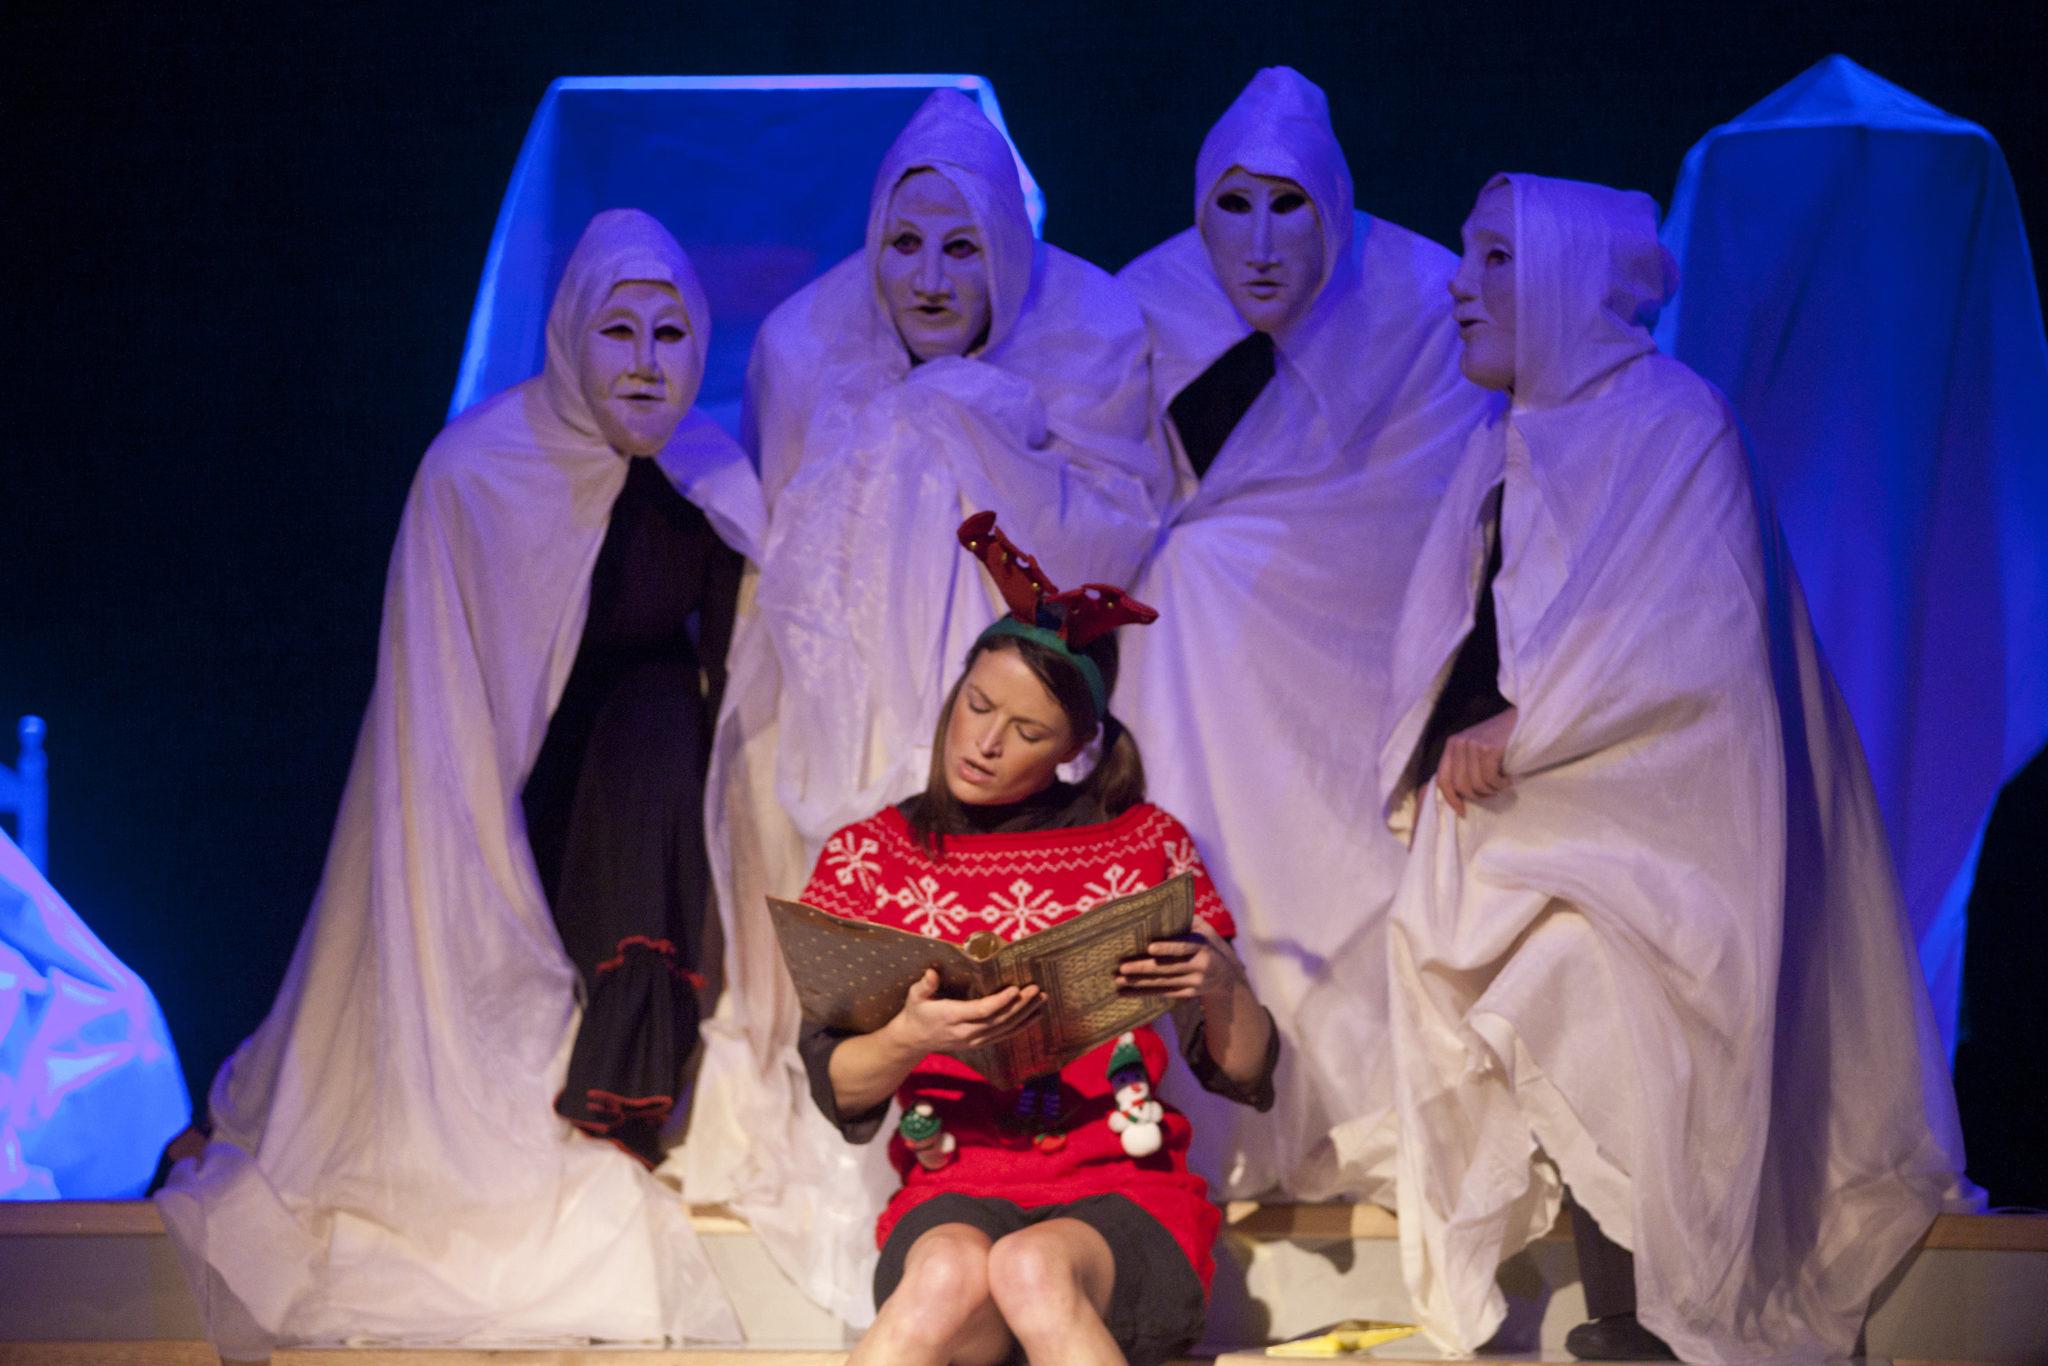 teatro ingles a christmas carol face 2 face